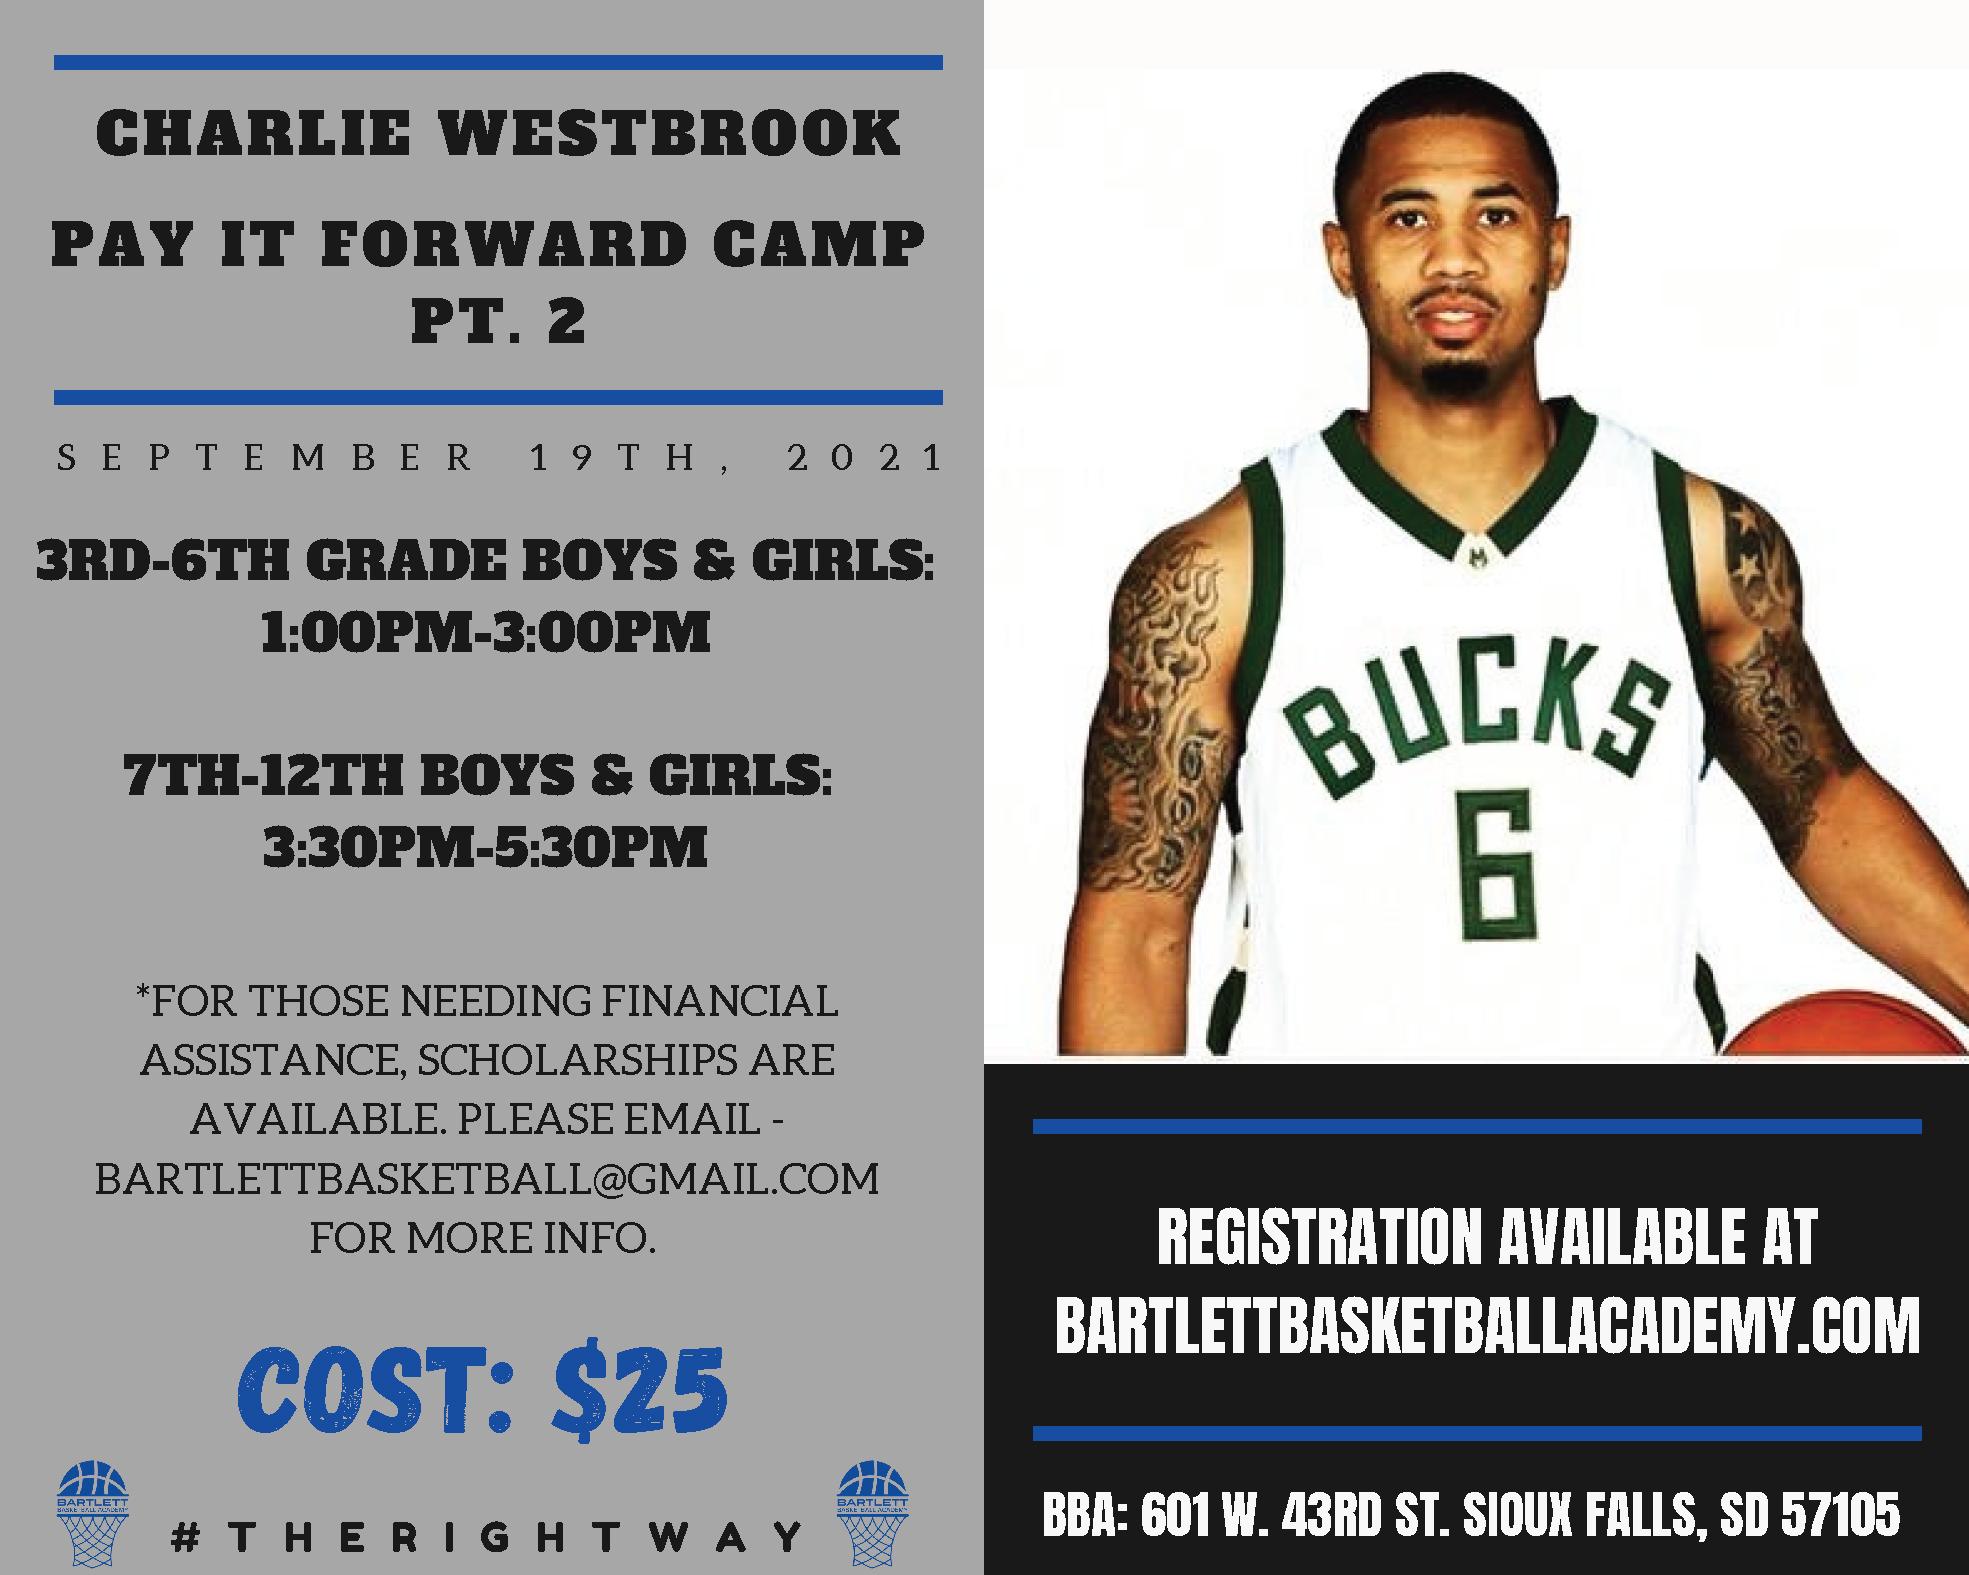 Charlie Westbrook Camp Pt. 2